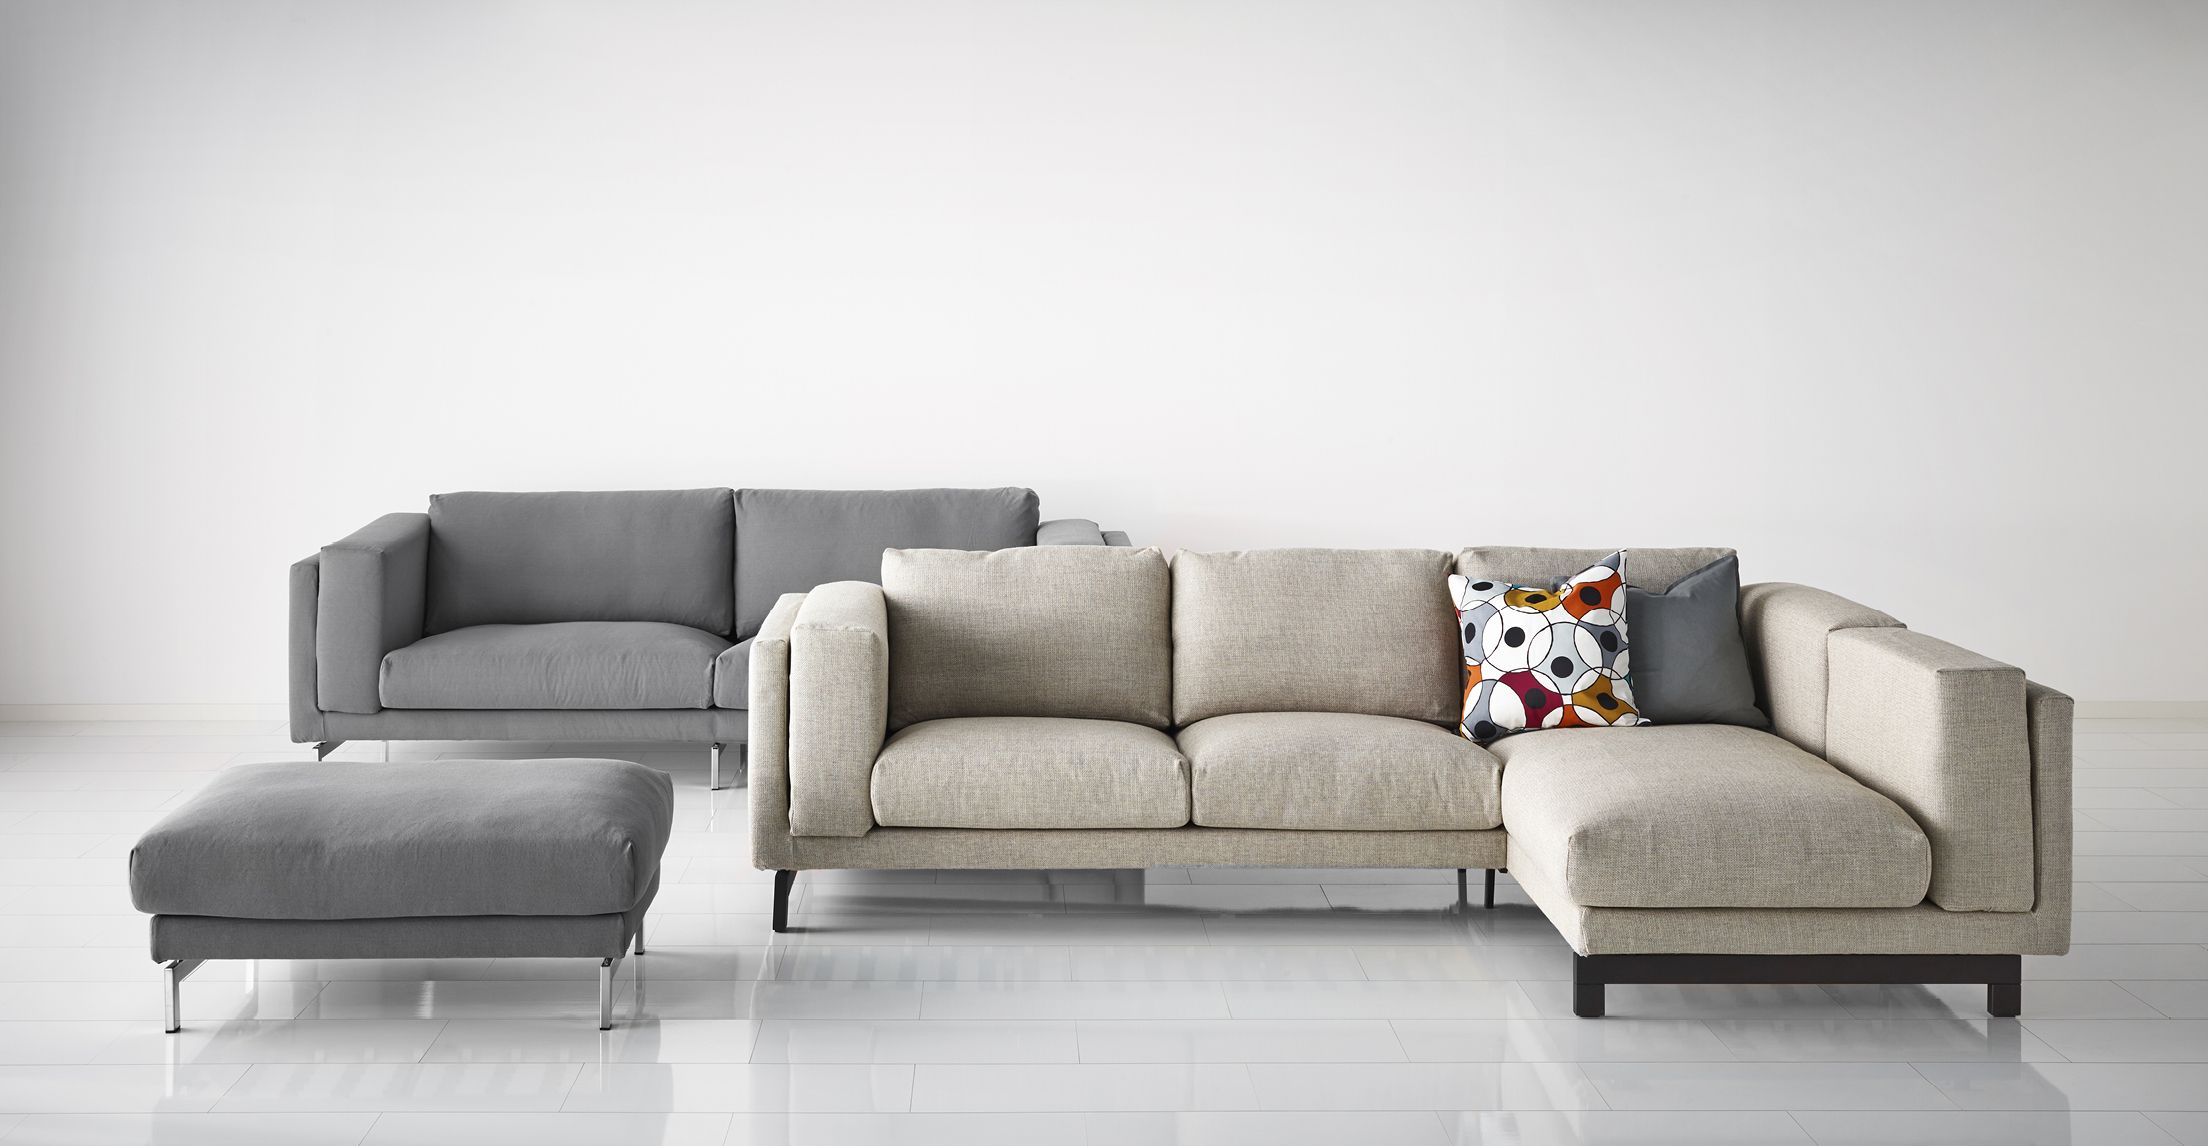 moderne ecksofas braun ecksofa design wohnbereich modern. Black Bedroom Furniture Sets. Home Design Ideas